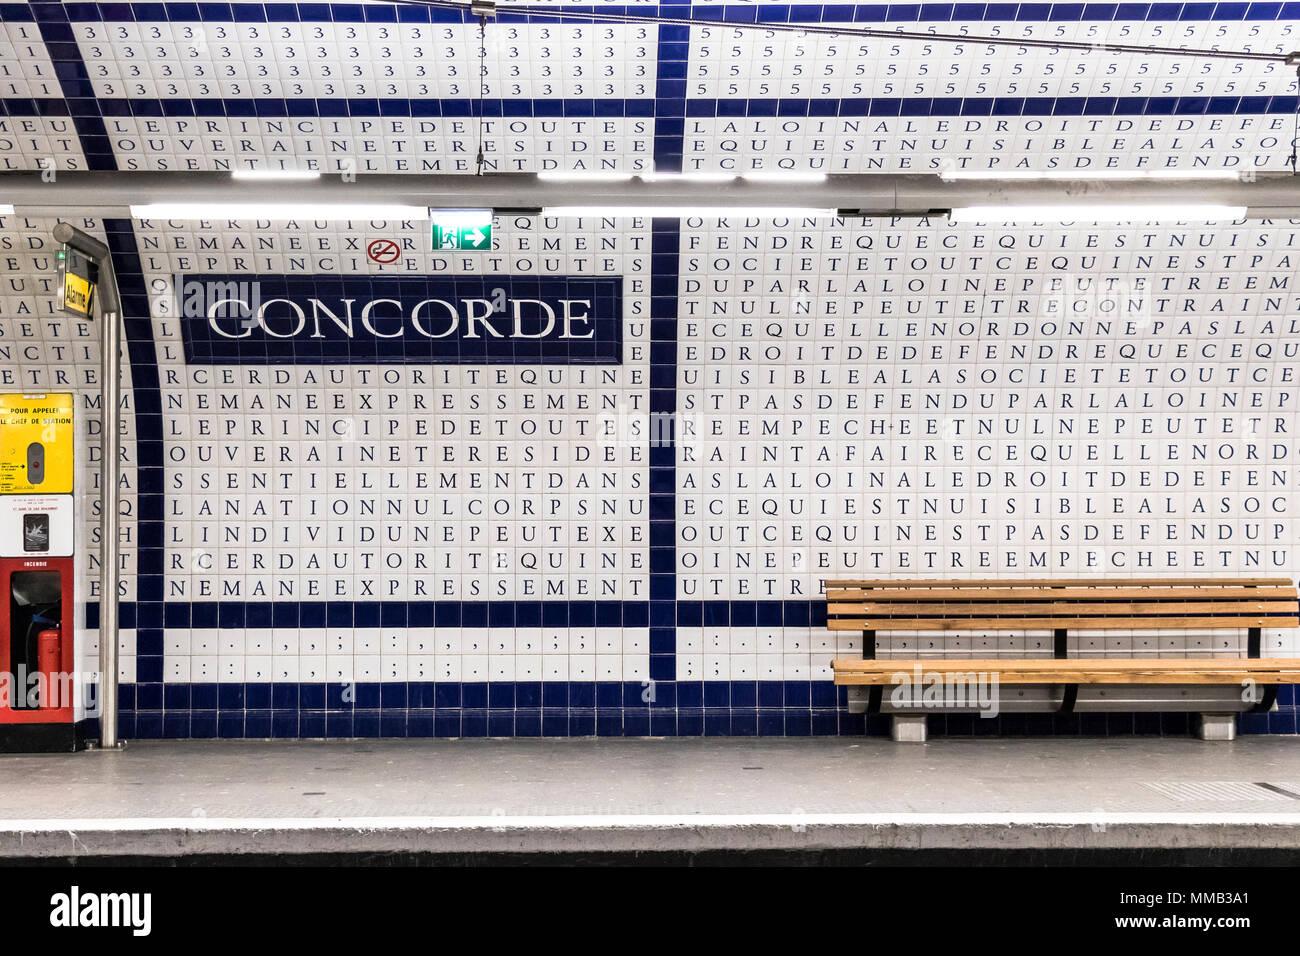 Metropolitana di parigi concorde stazione ha piastrelle